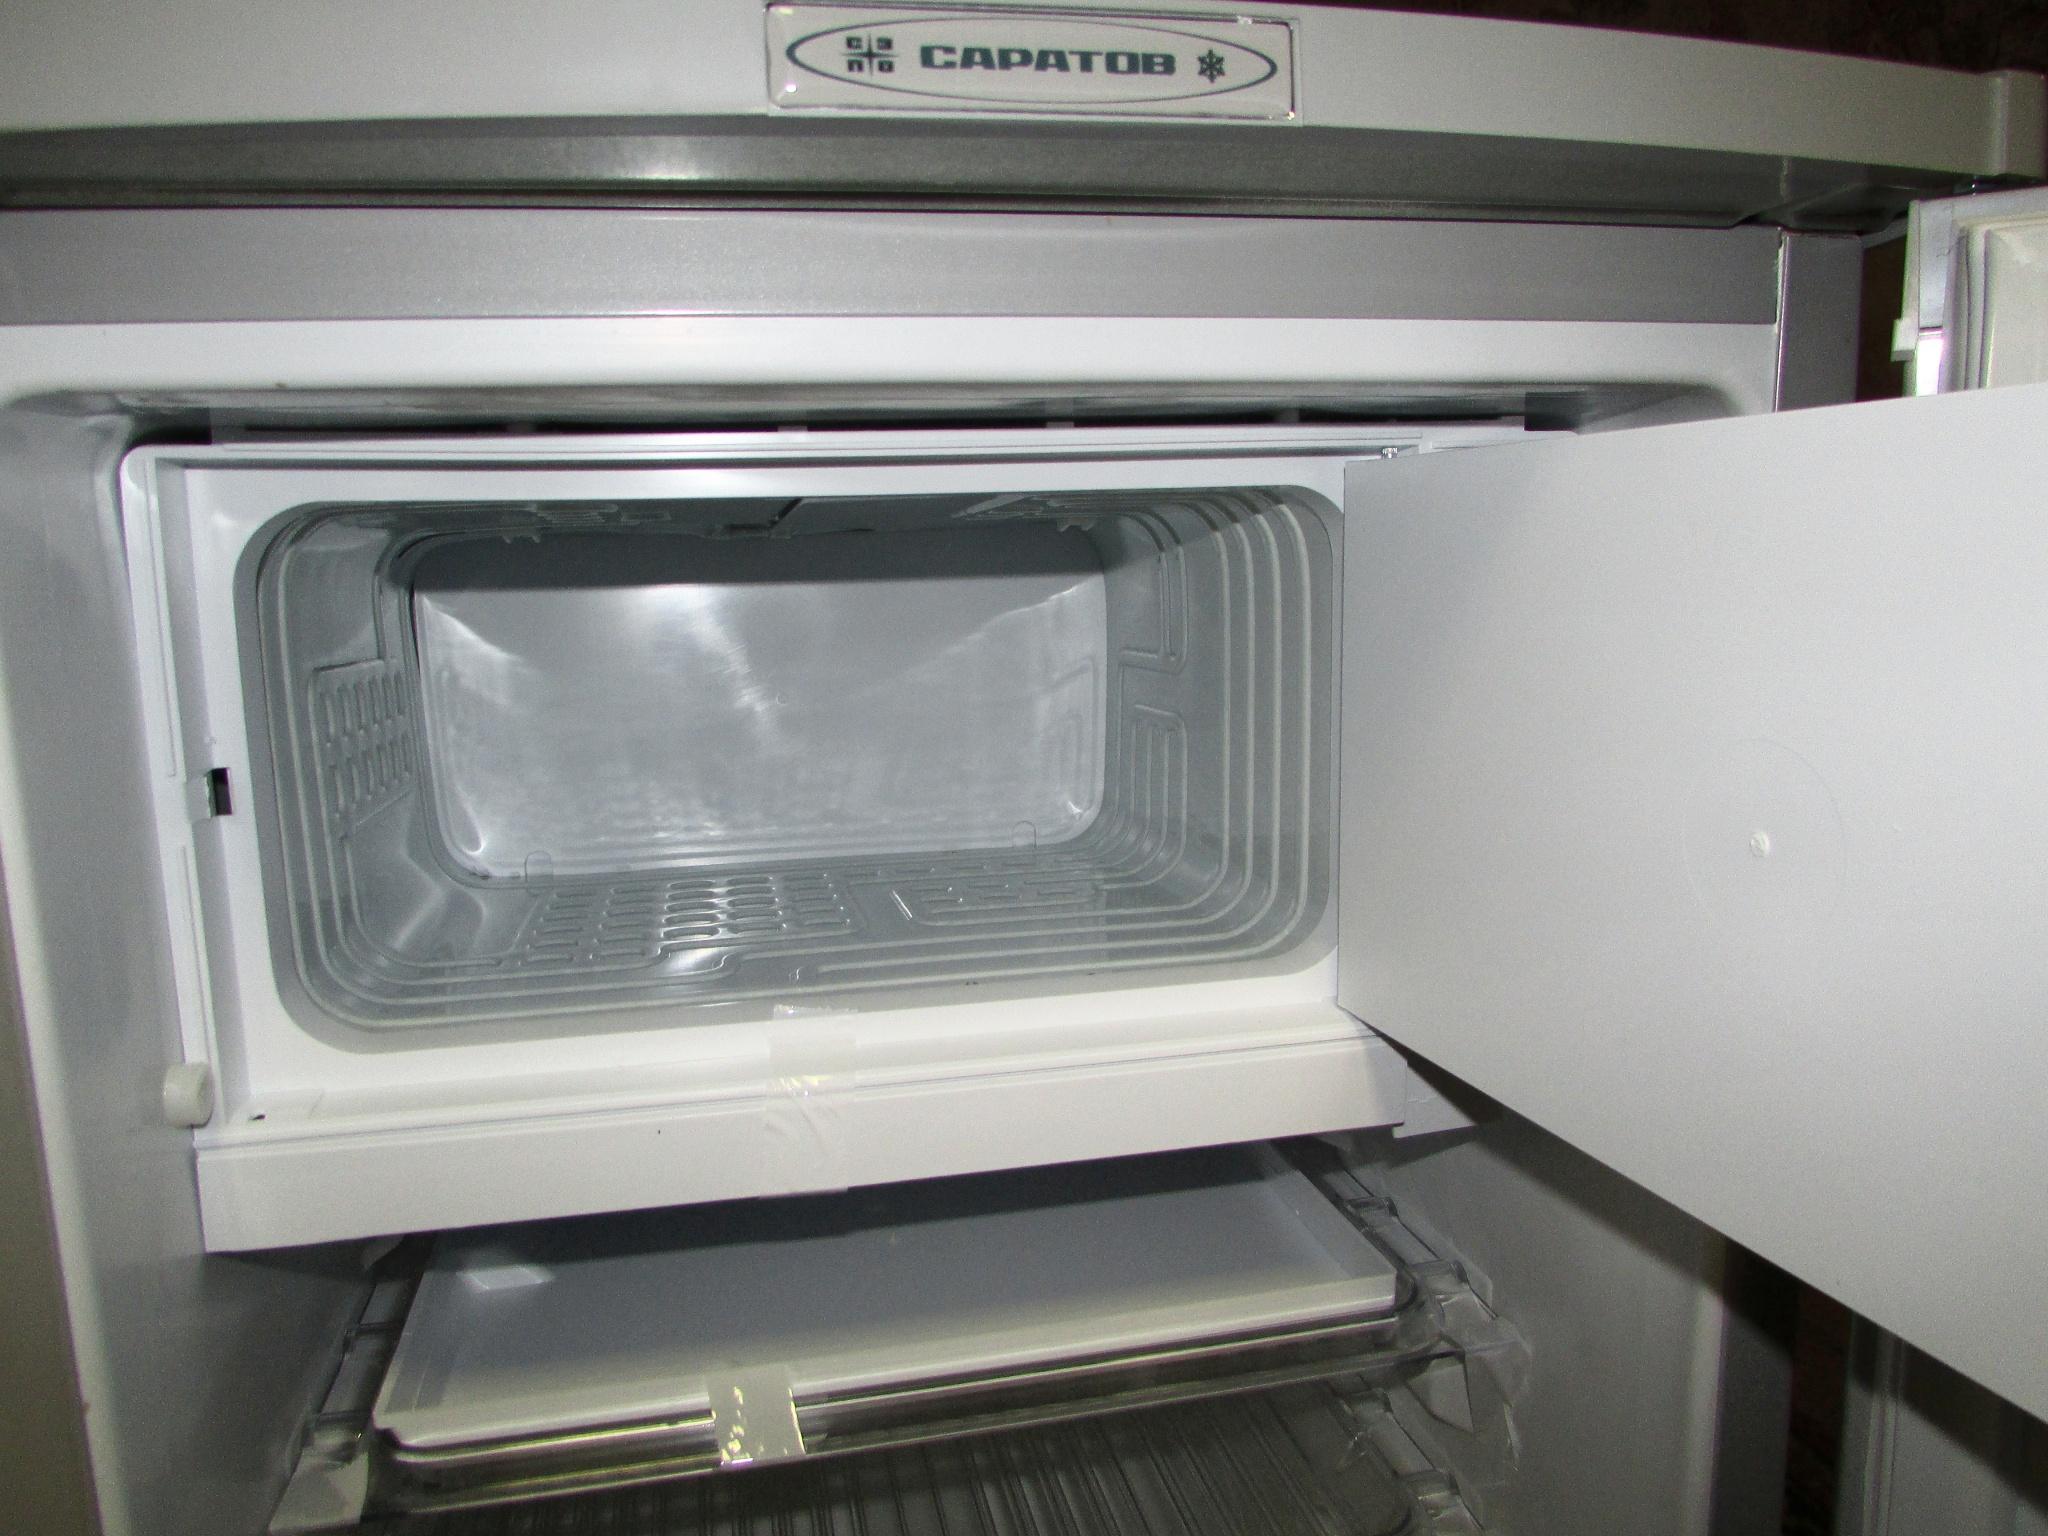 Холодильники «саратов»: топ - 7 моделей